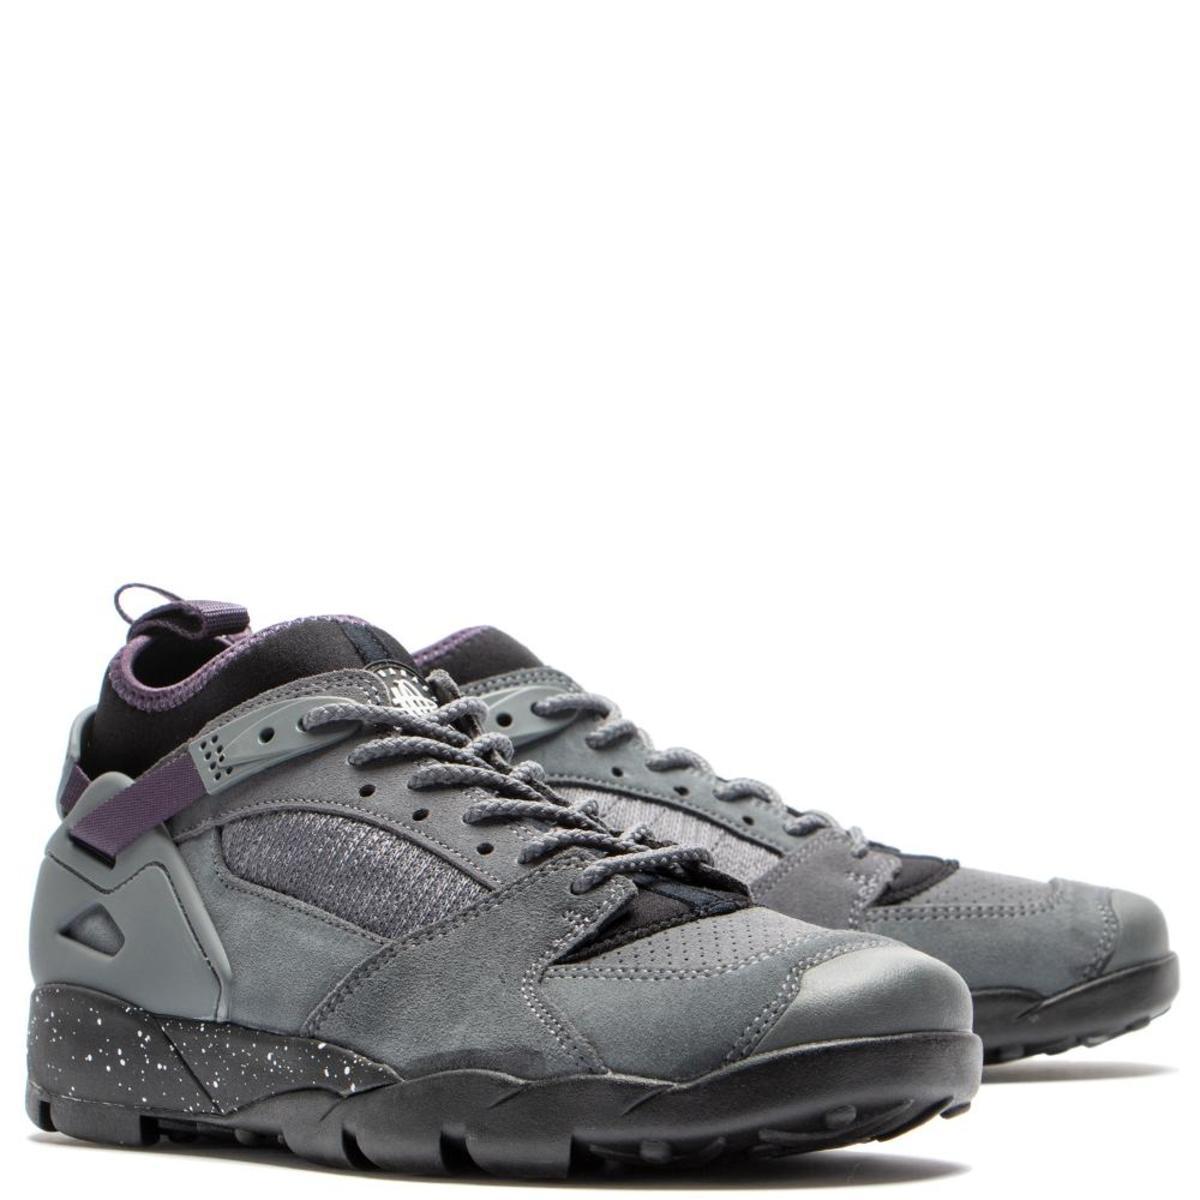 f56000cdb6793 Nike ACG Air Revaderchi Flint Grey / Black | Garmentory